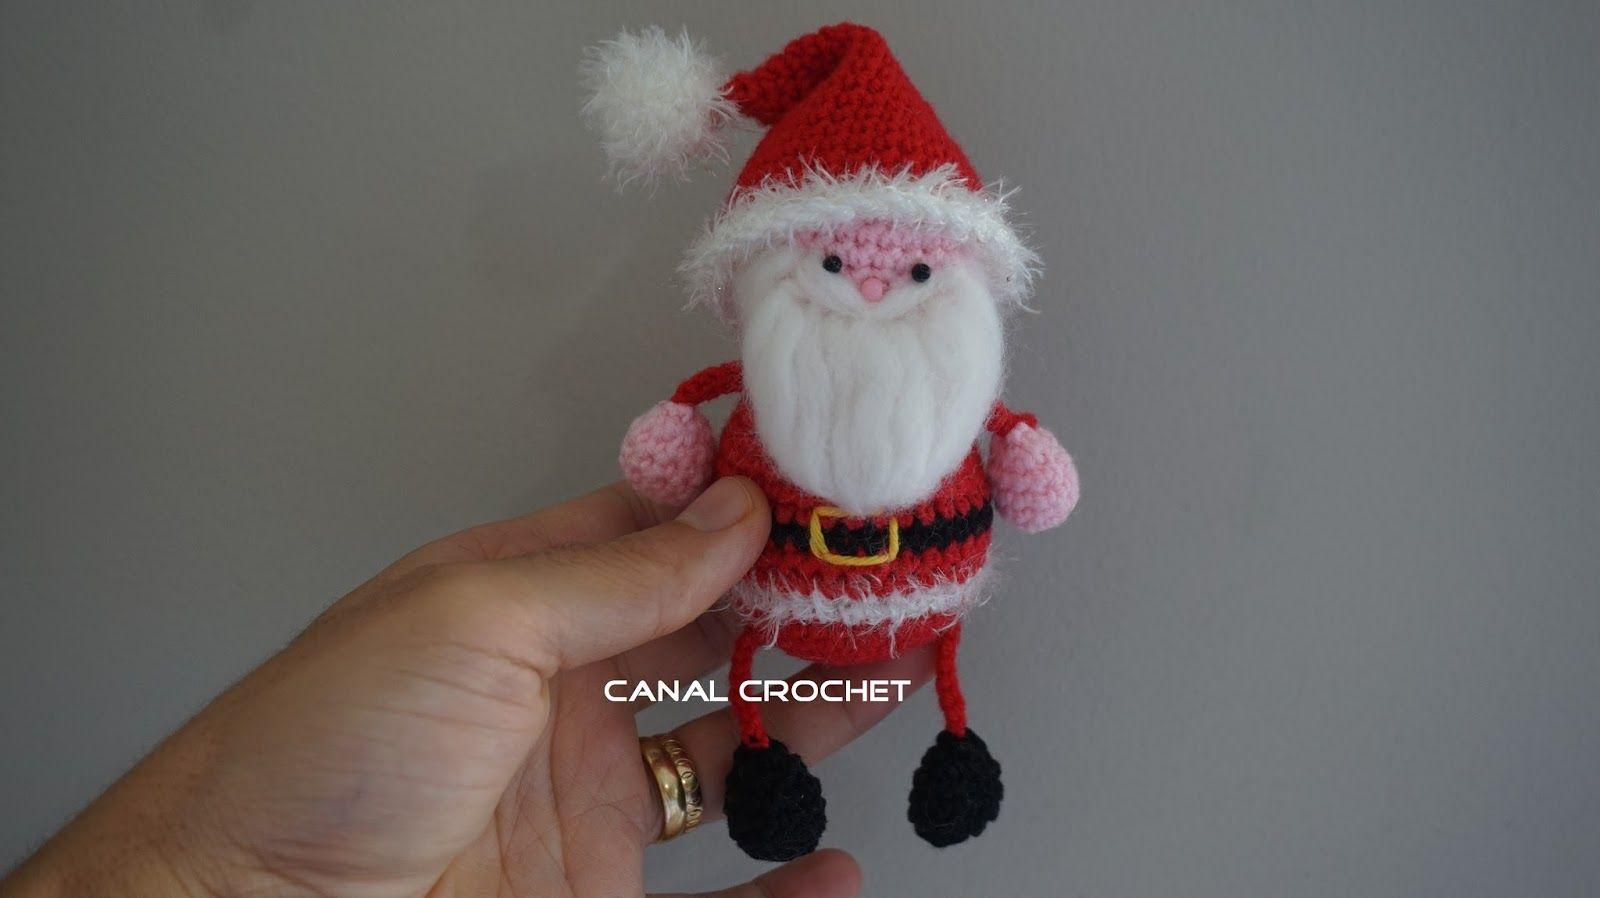 Amigurumis Navideños Patrones Gratis : Canal crochet: papa noel amigurumi patrón libre. amigurumi